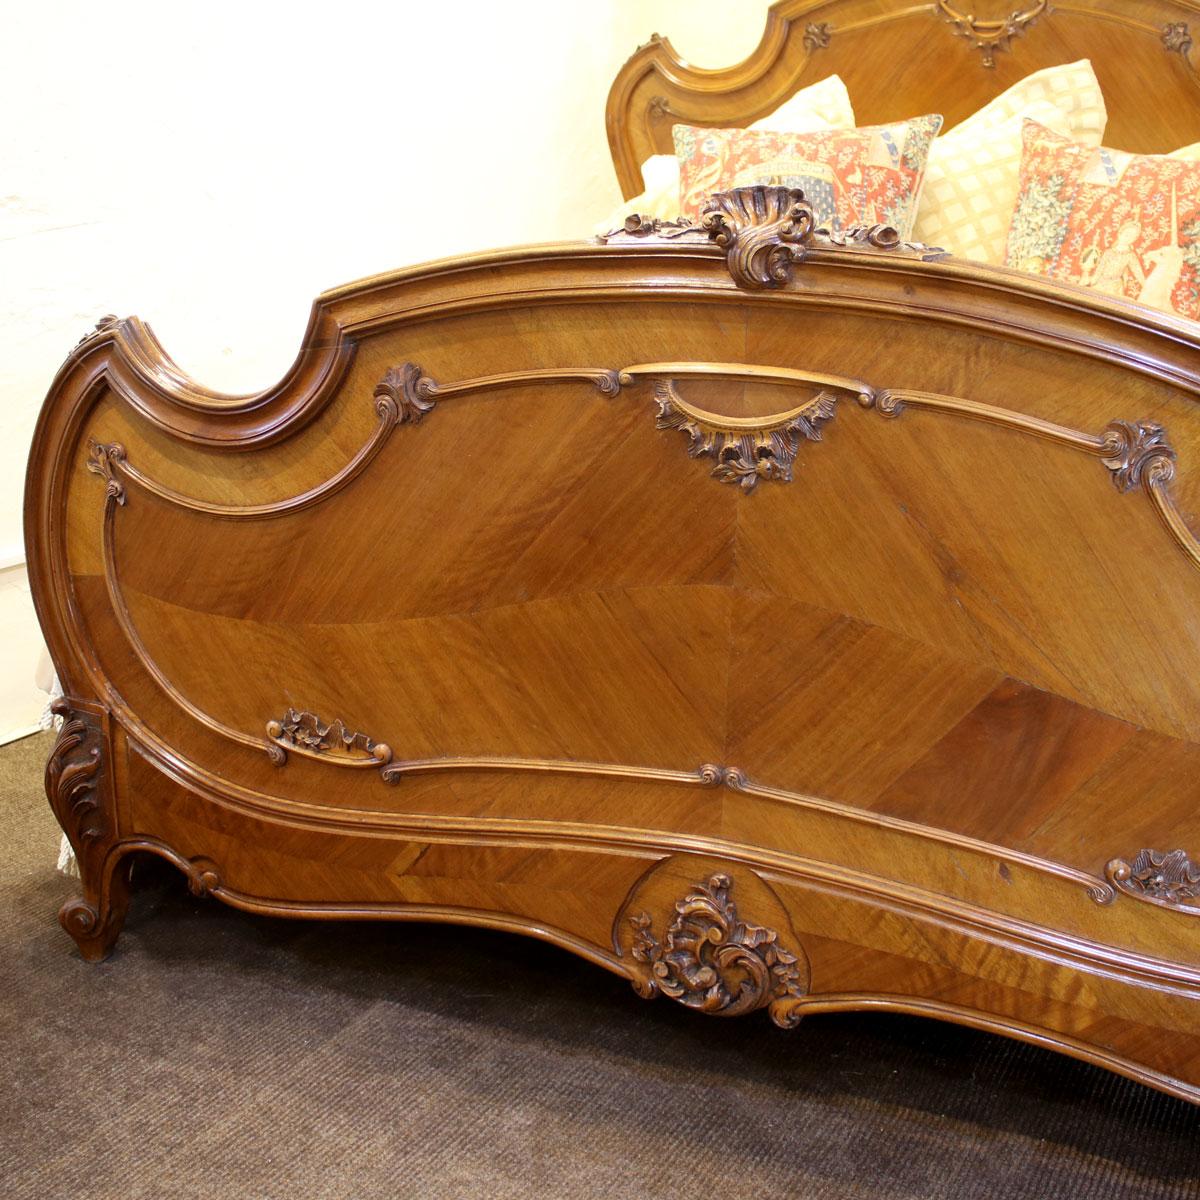 Kingsize-Walnut-Louis-XV-Antique-Bed-WK141